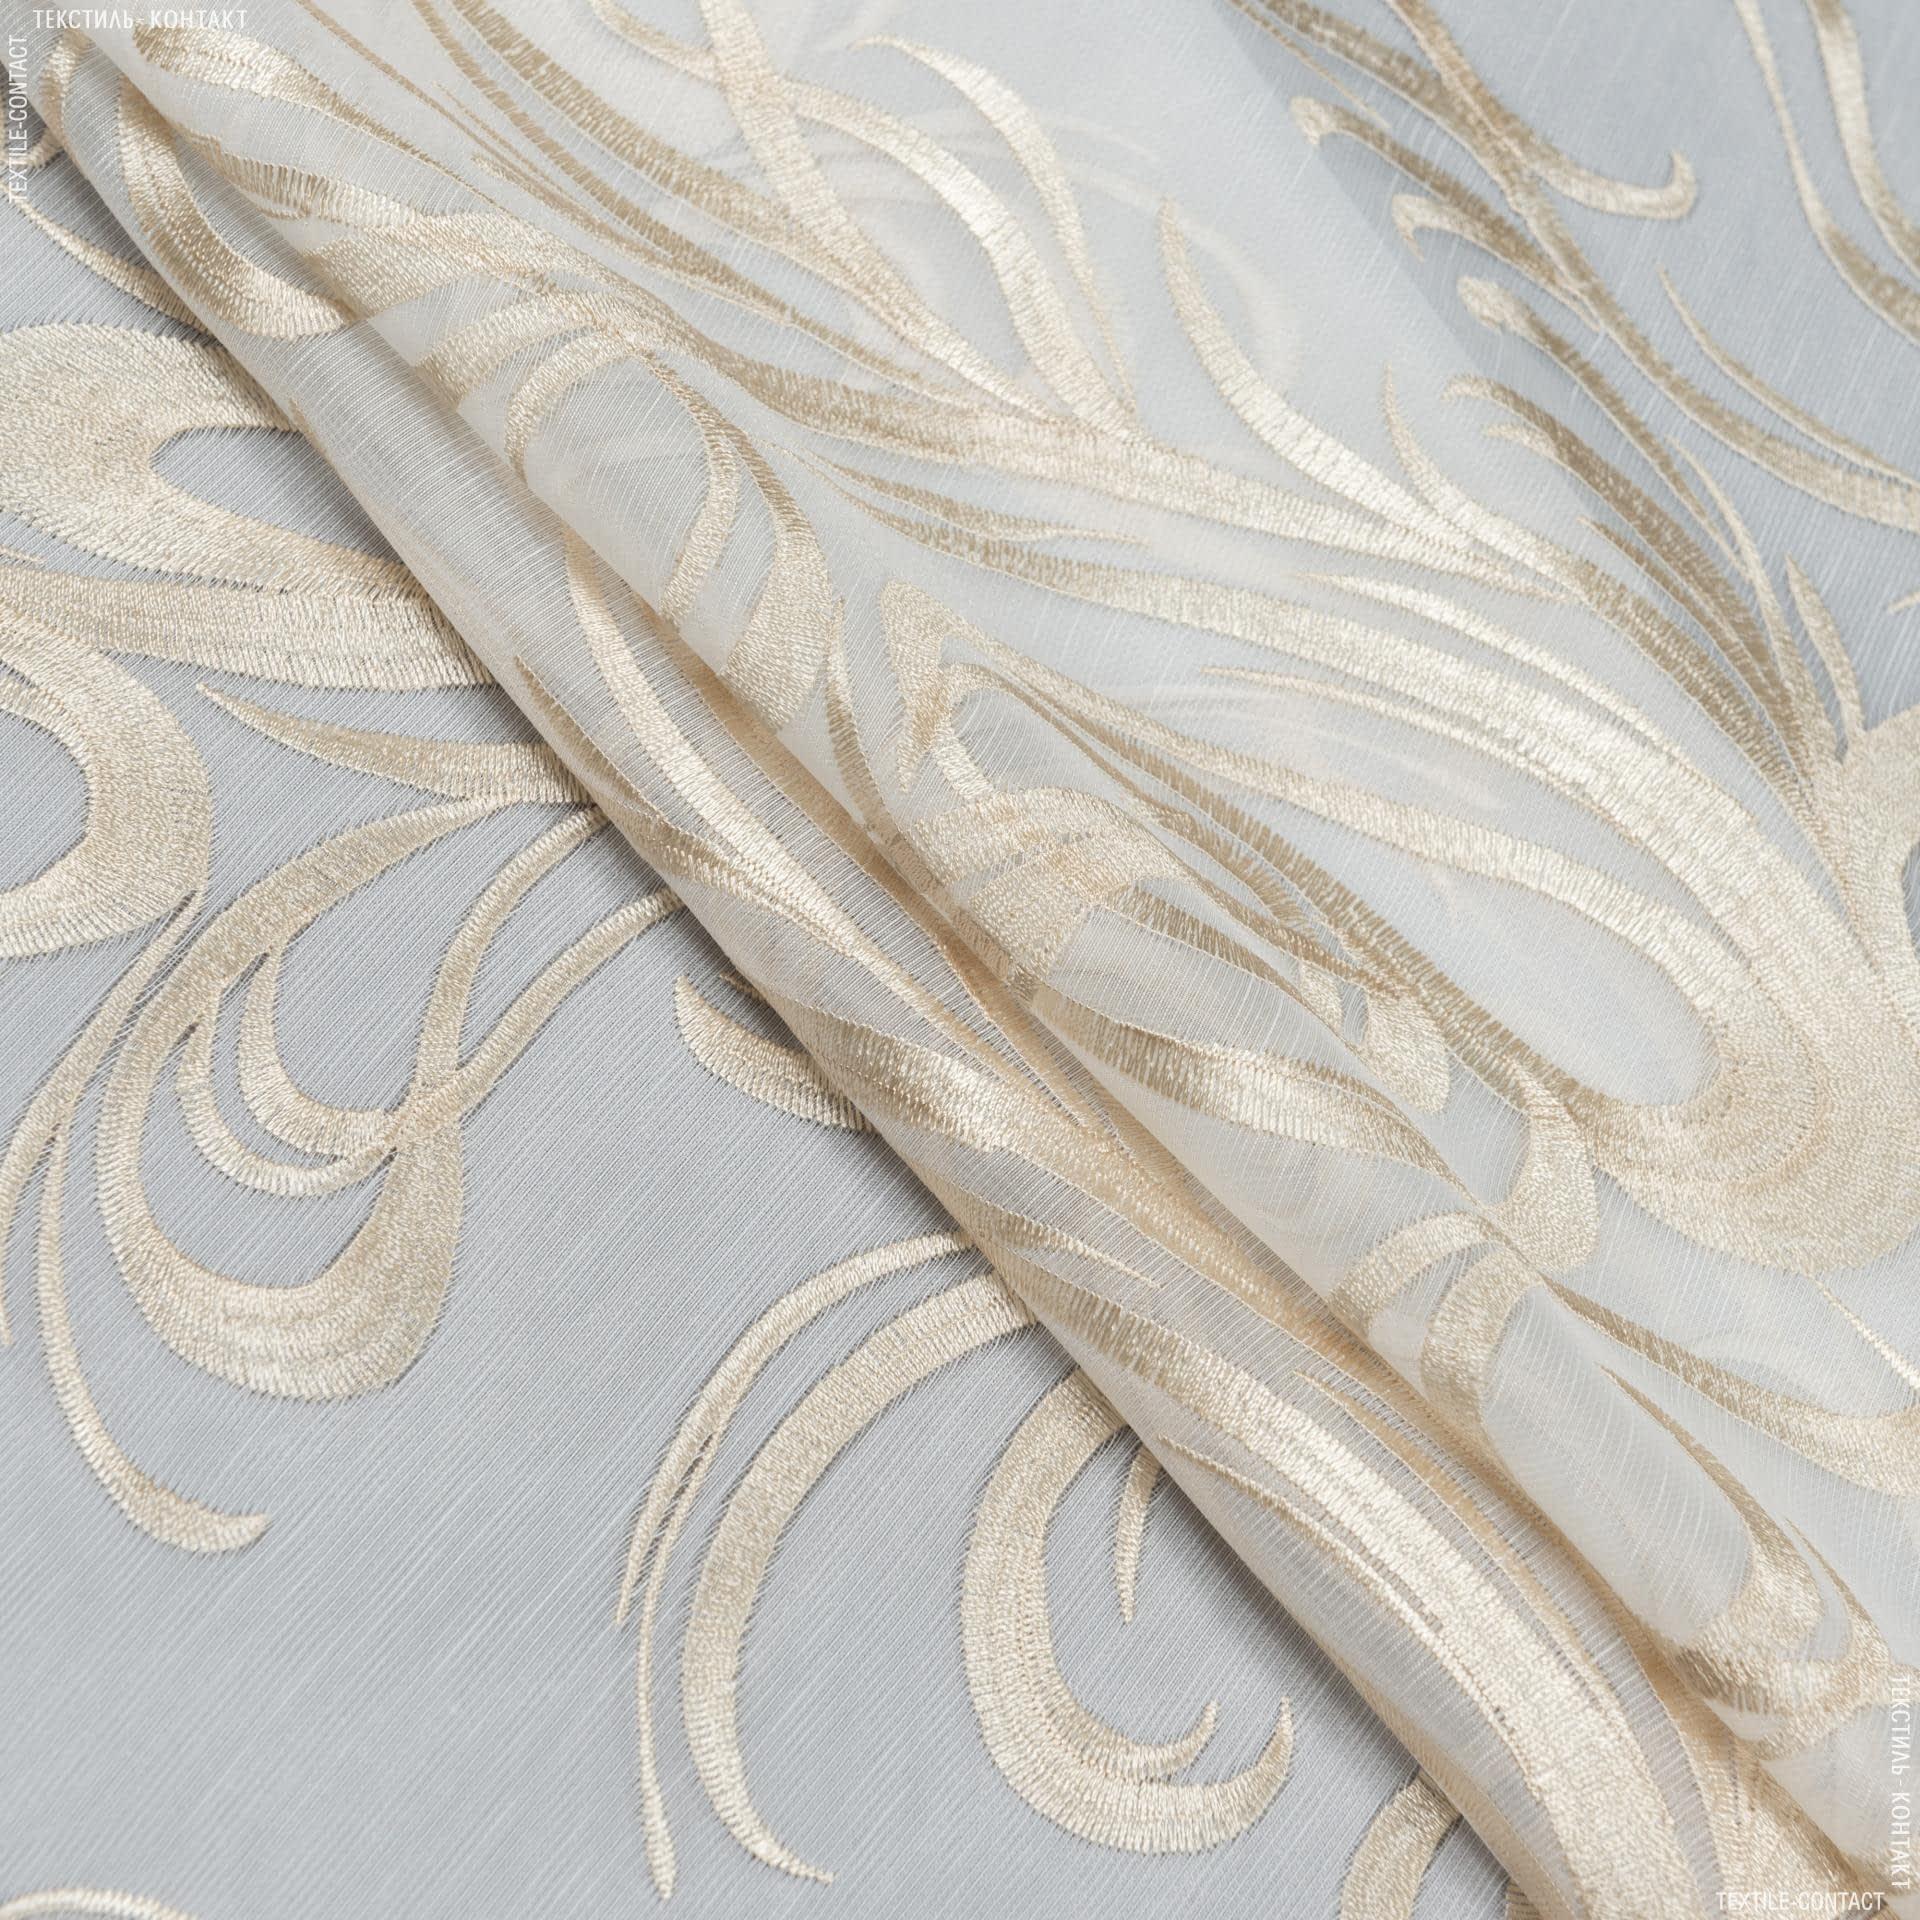 Тканини для тюлі - Тюль з обважнювачем агаста молочний купон/ вишивка золото